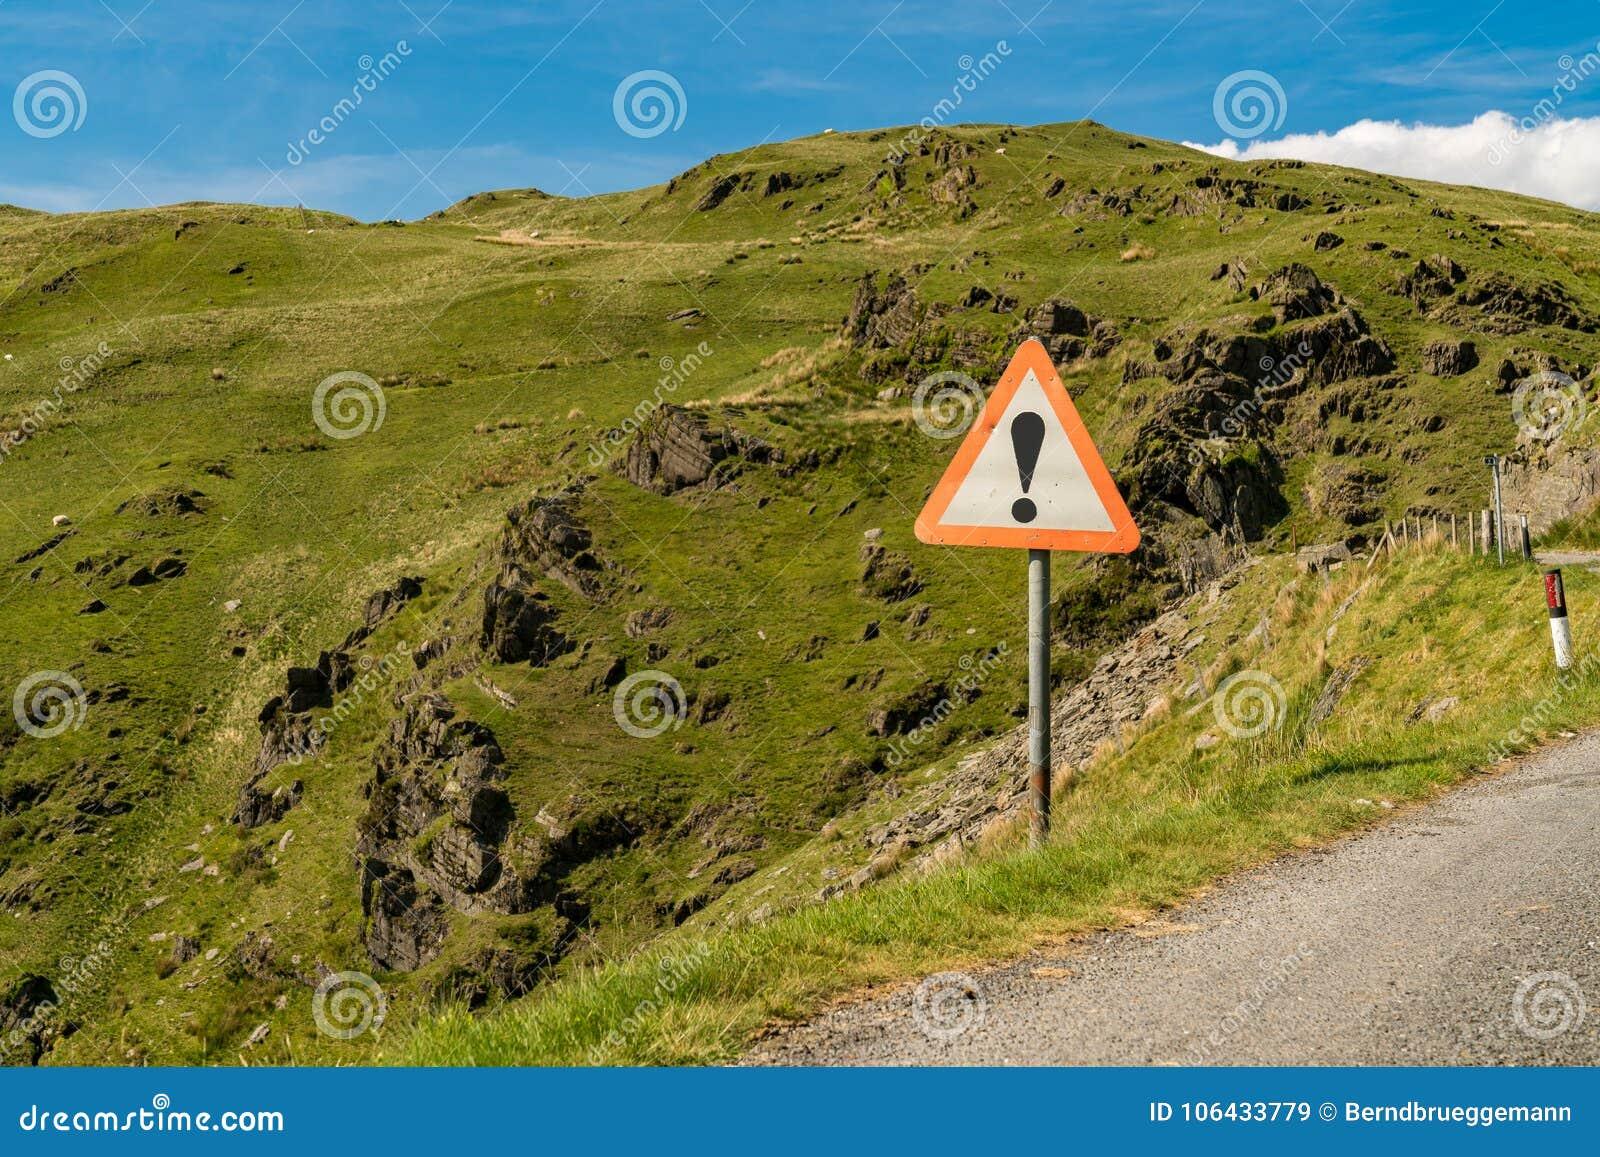 Знак: Опасность, на крае проселочной дороги